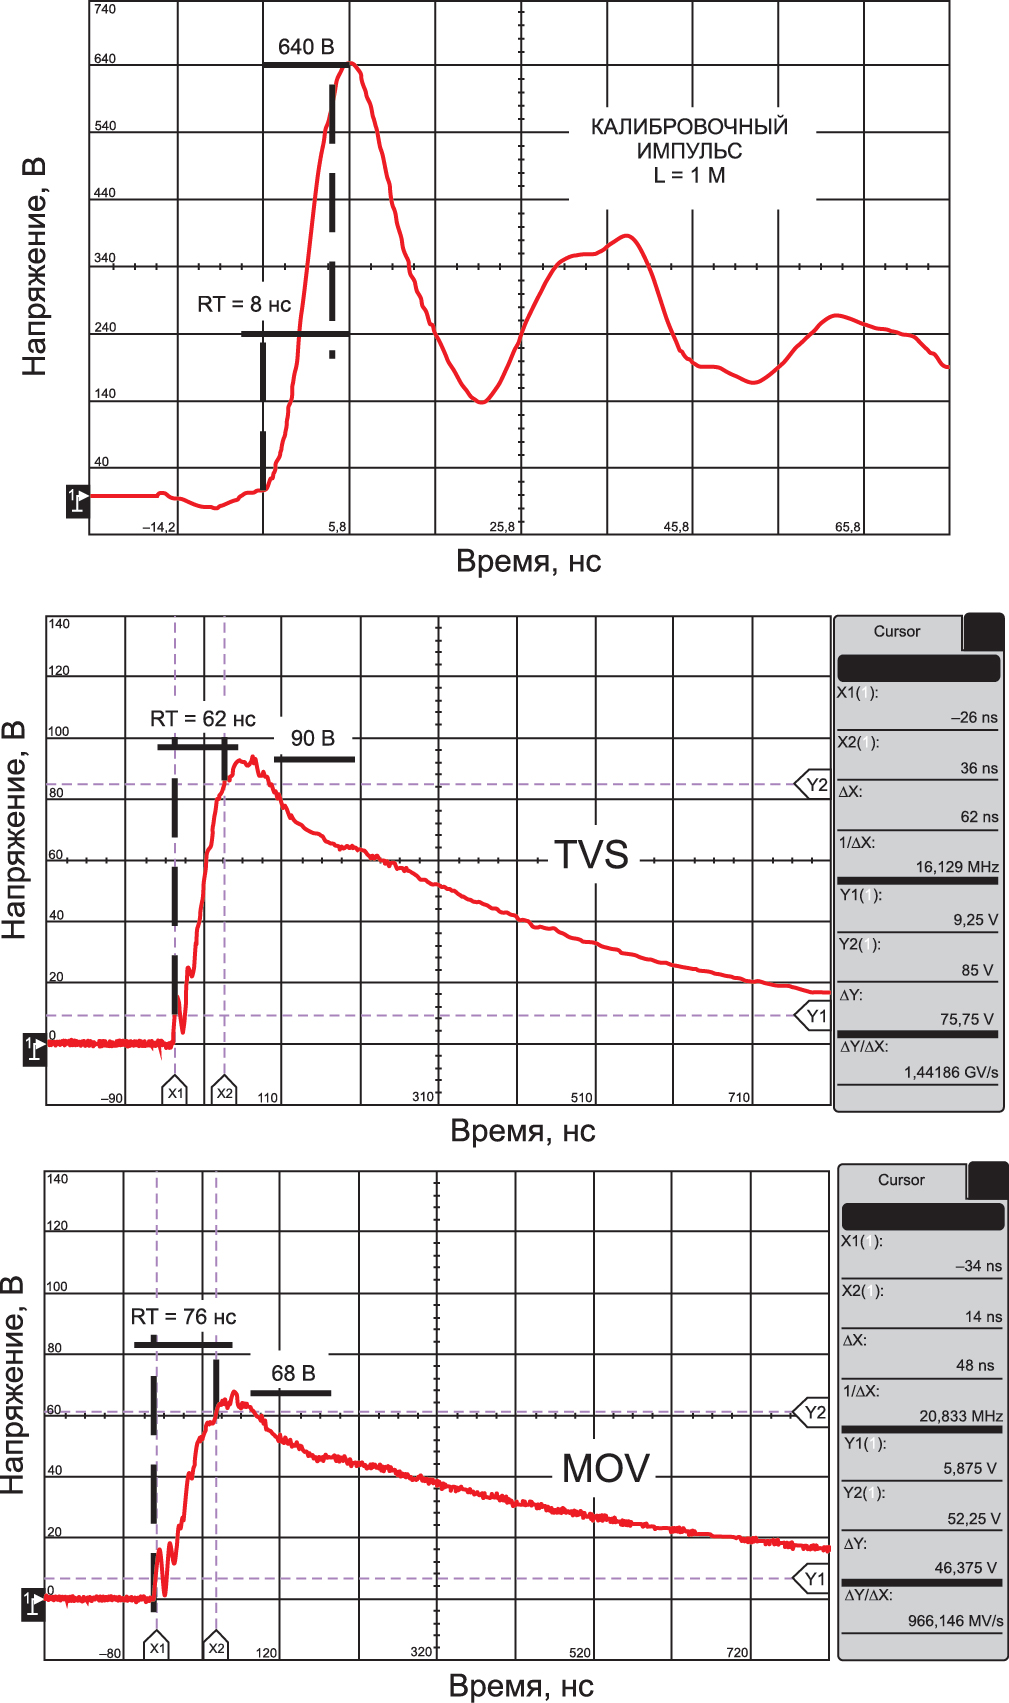 Осциллограммы испытаний двух типов защитных элементов: супрессора (TVS) и варистора (MOV) на макете с длинными проводниками (длиной 1 м)